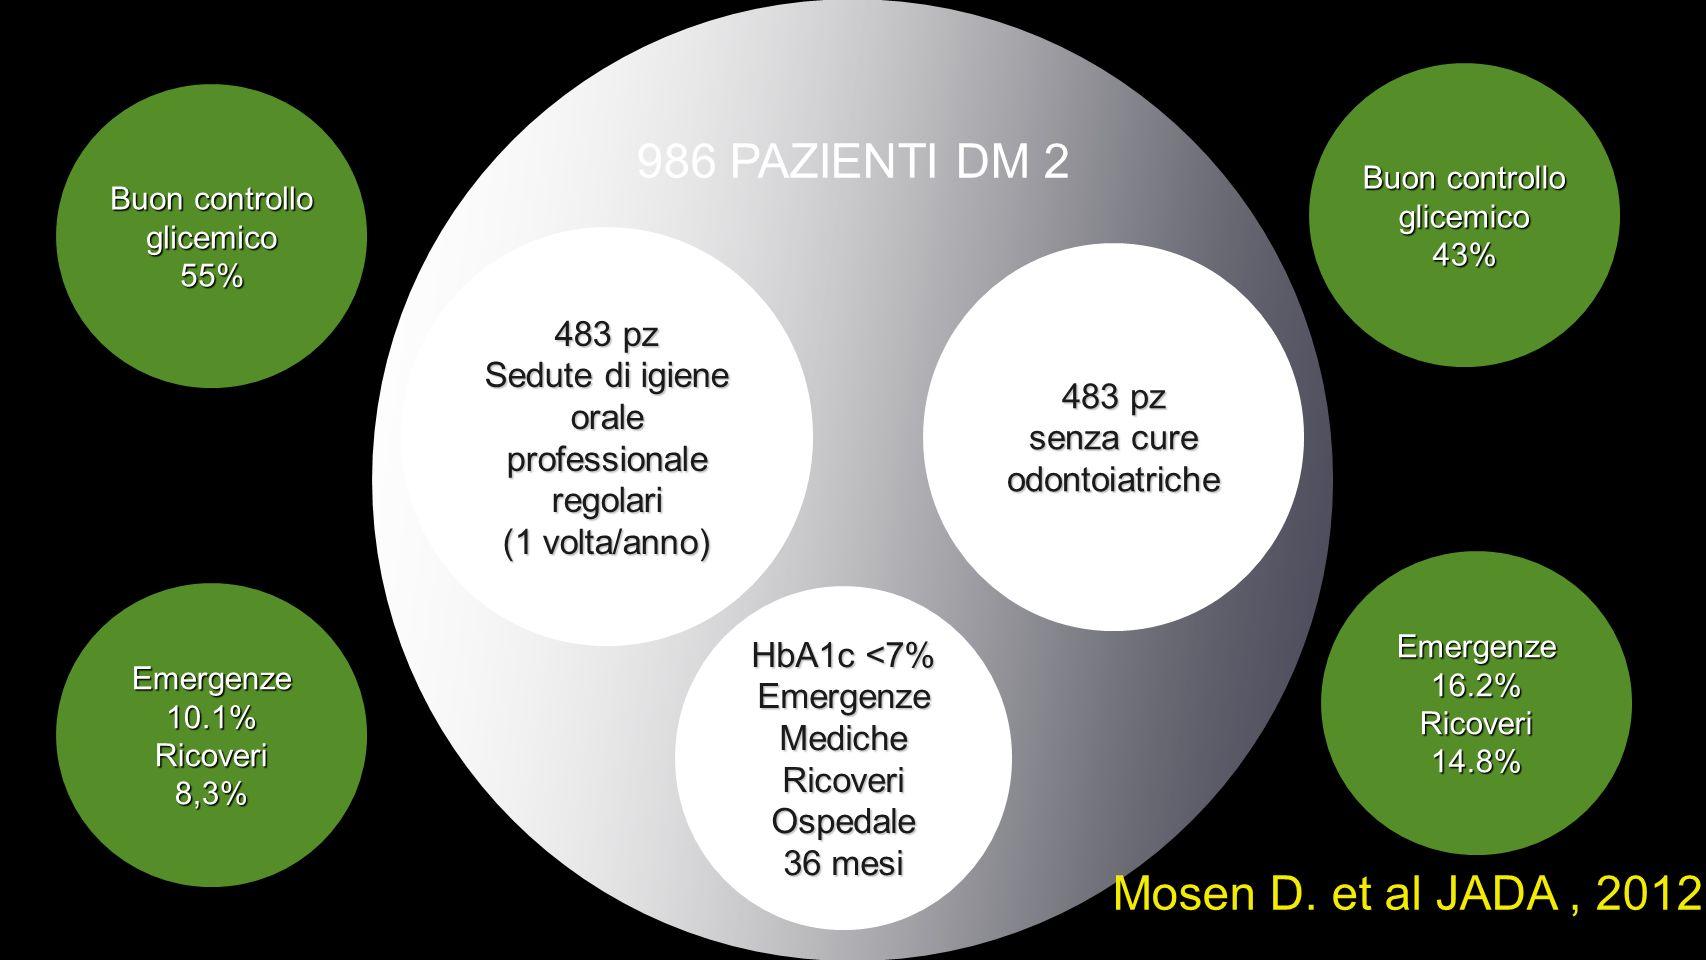 986 PAZIENTI DM 2 483 pz Sedute di igiene orale professionale regolari (1 volta/anno) 483 pz senza cure odontoiatriche Buon controllo glicemico 55% Mosen D.